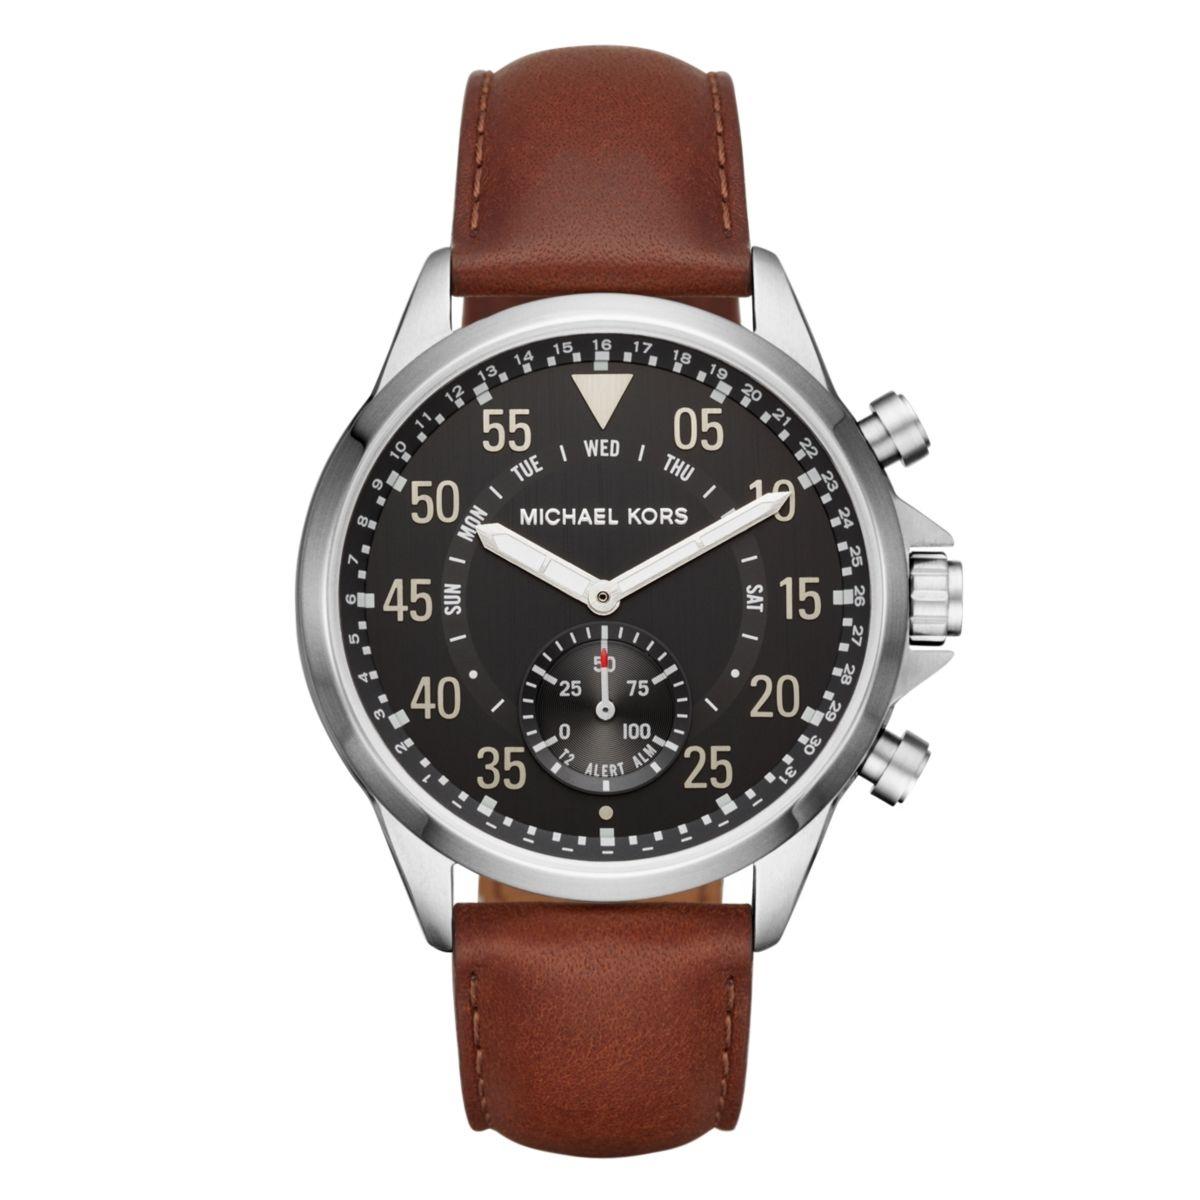 f24eef1e54e2 Michael Kors armbåndsure   smartwatche - Michael Kors smartwatch MKT4001